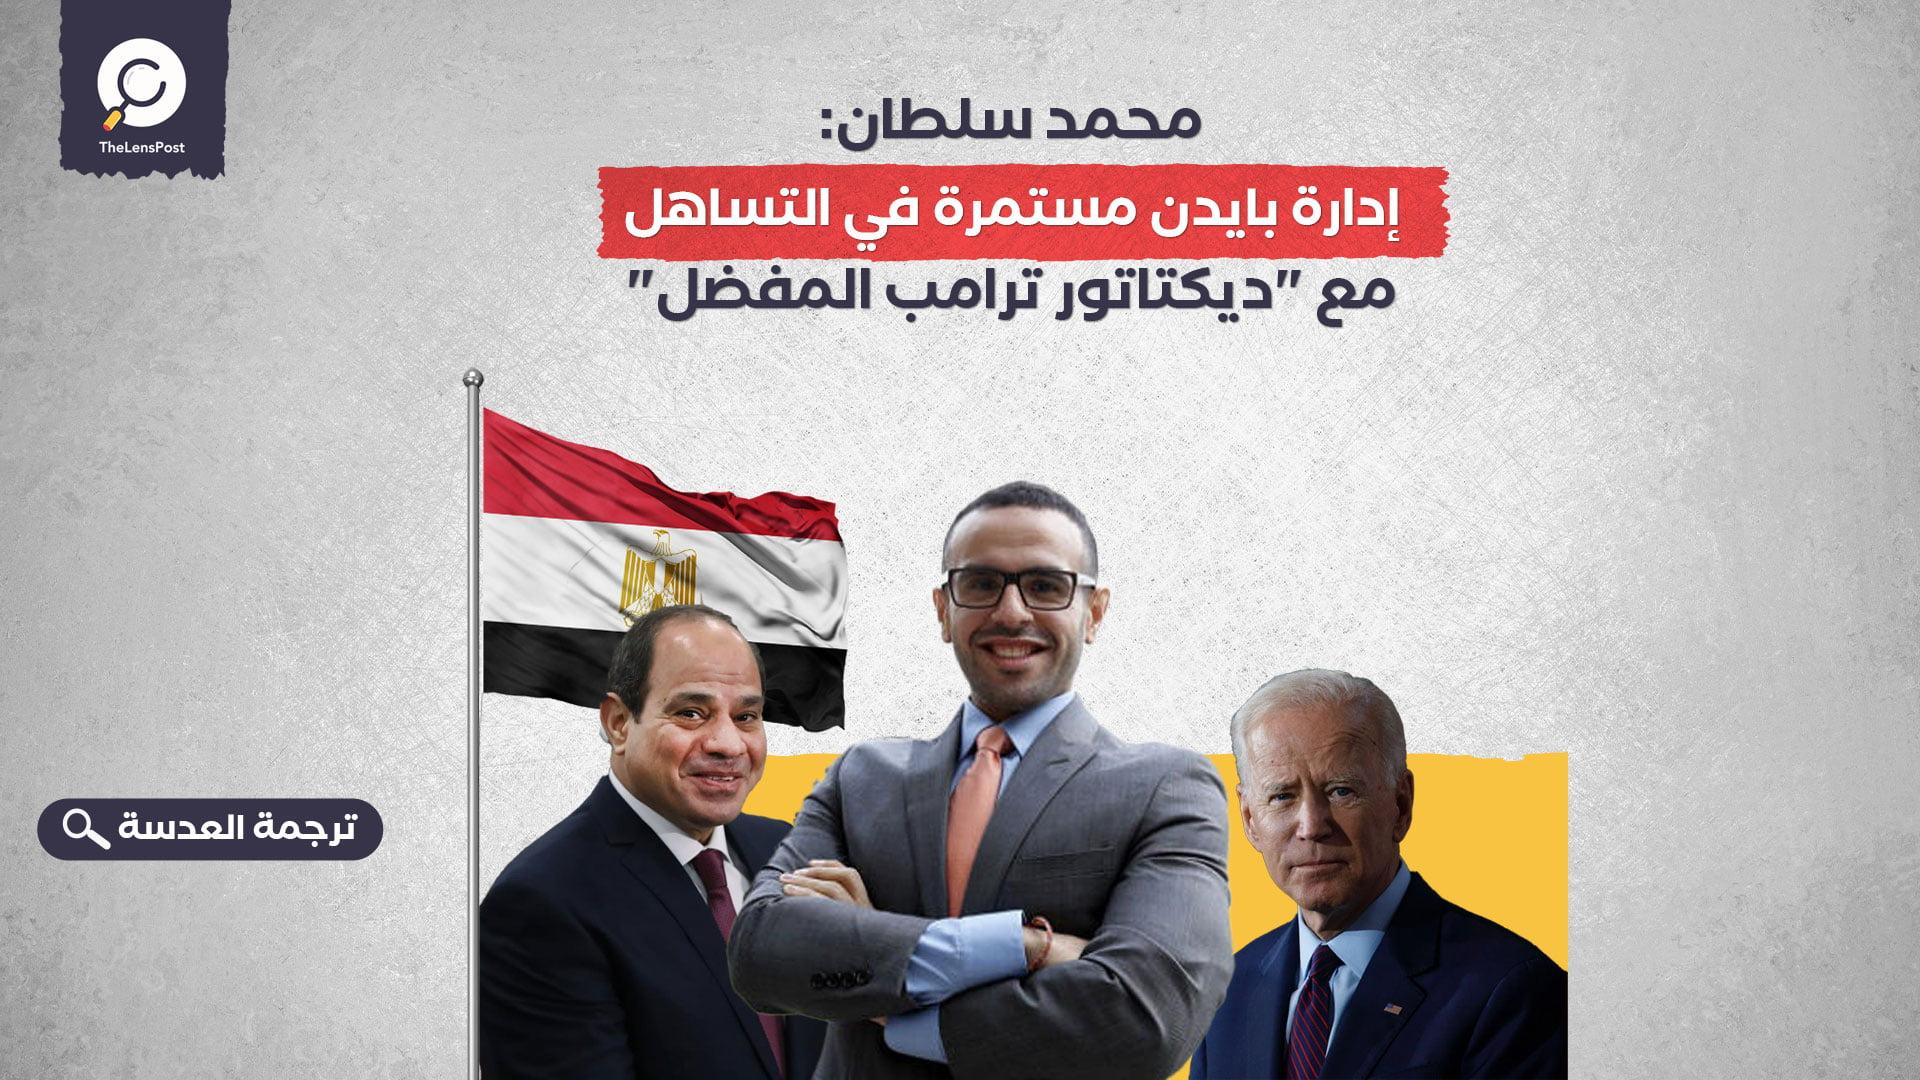 """محمد سلطان: إدارة بايدن مستمرة في التساهل مع """"ديكتاتور ترامب المفضل"""""""